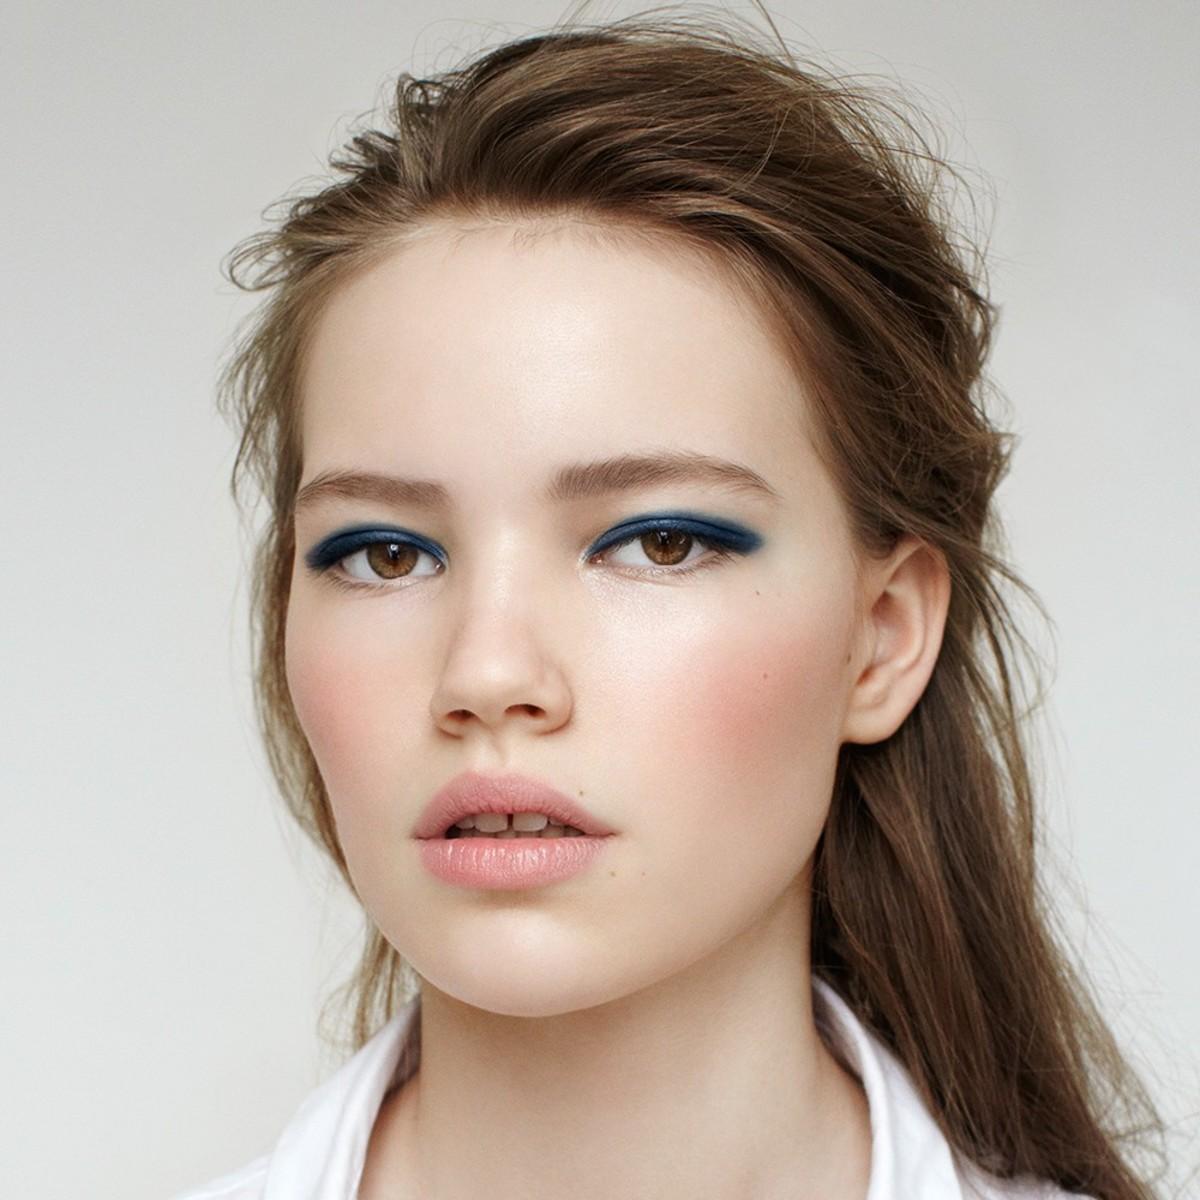 Kjaer Weis makeup